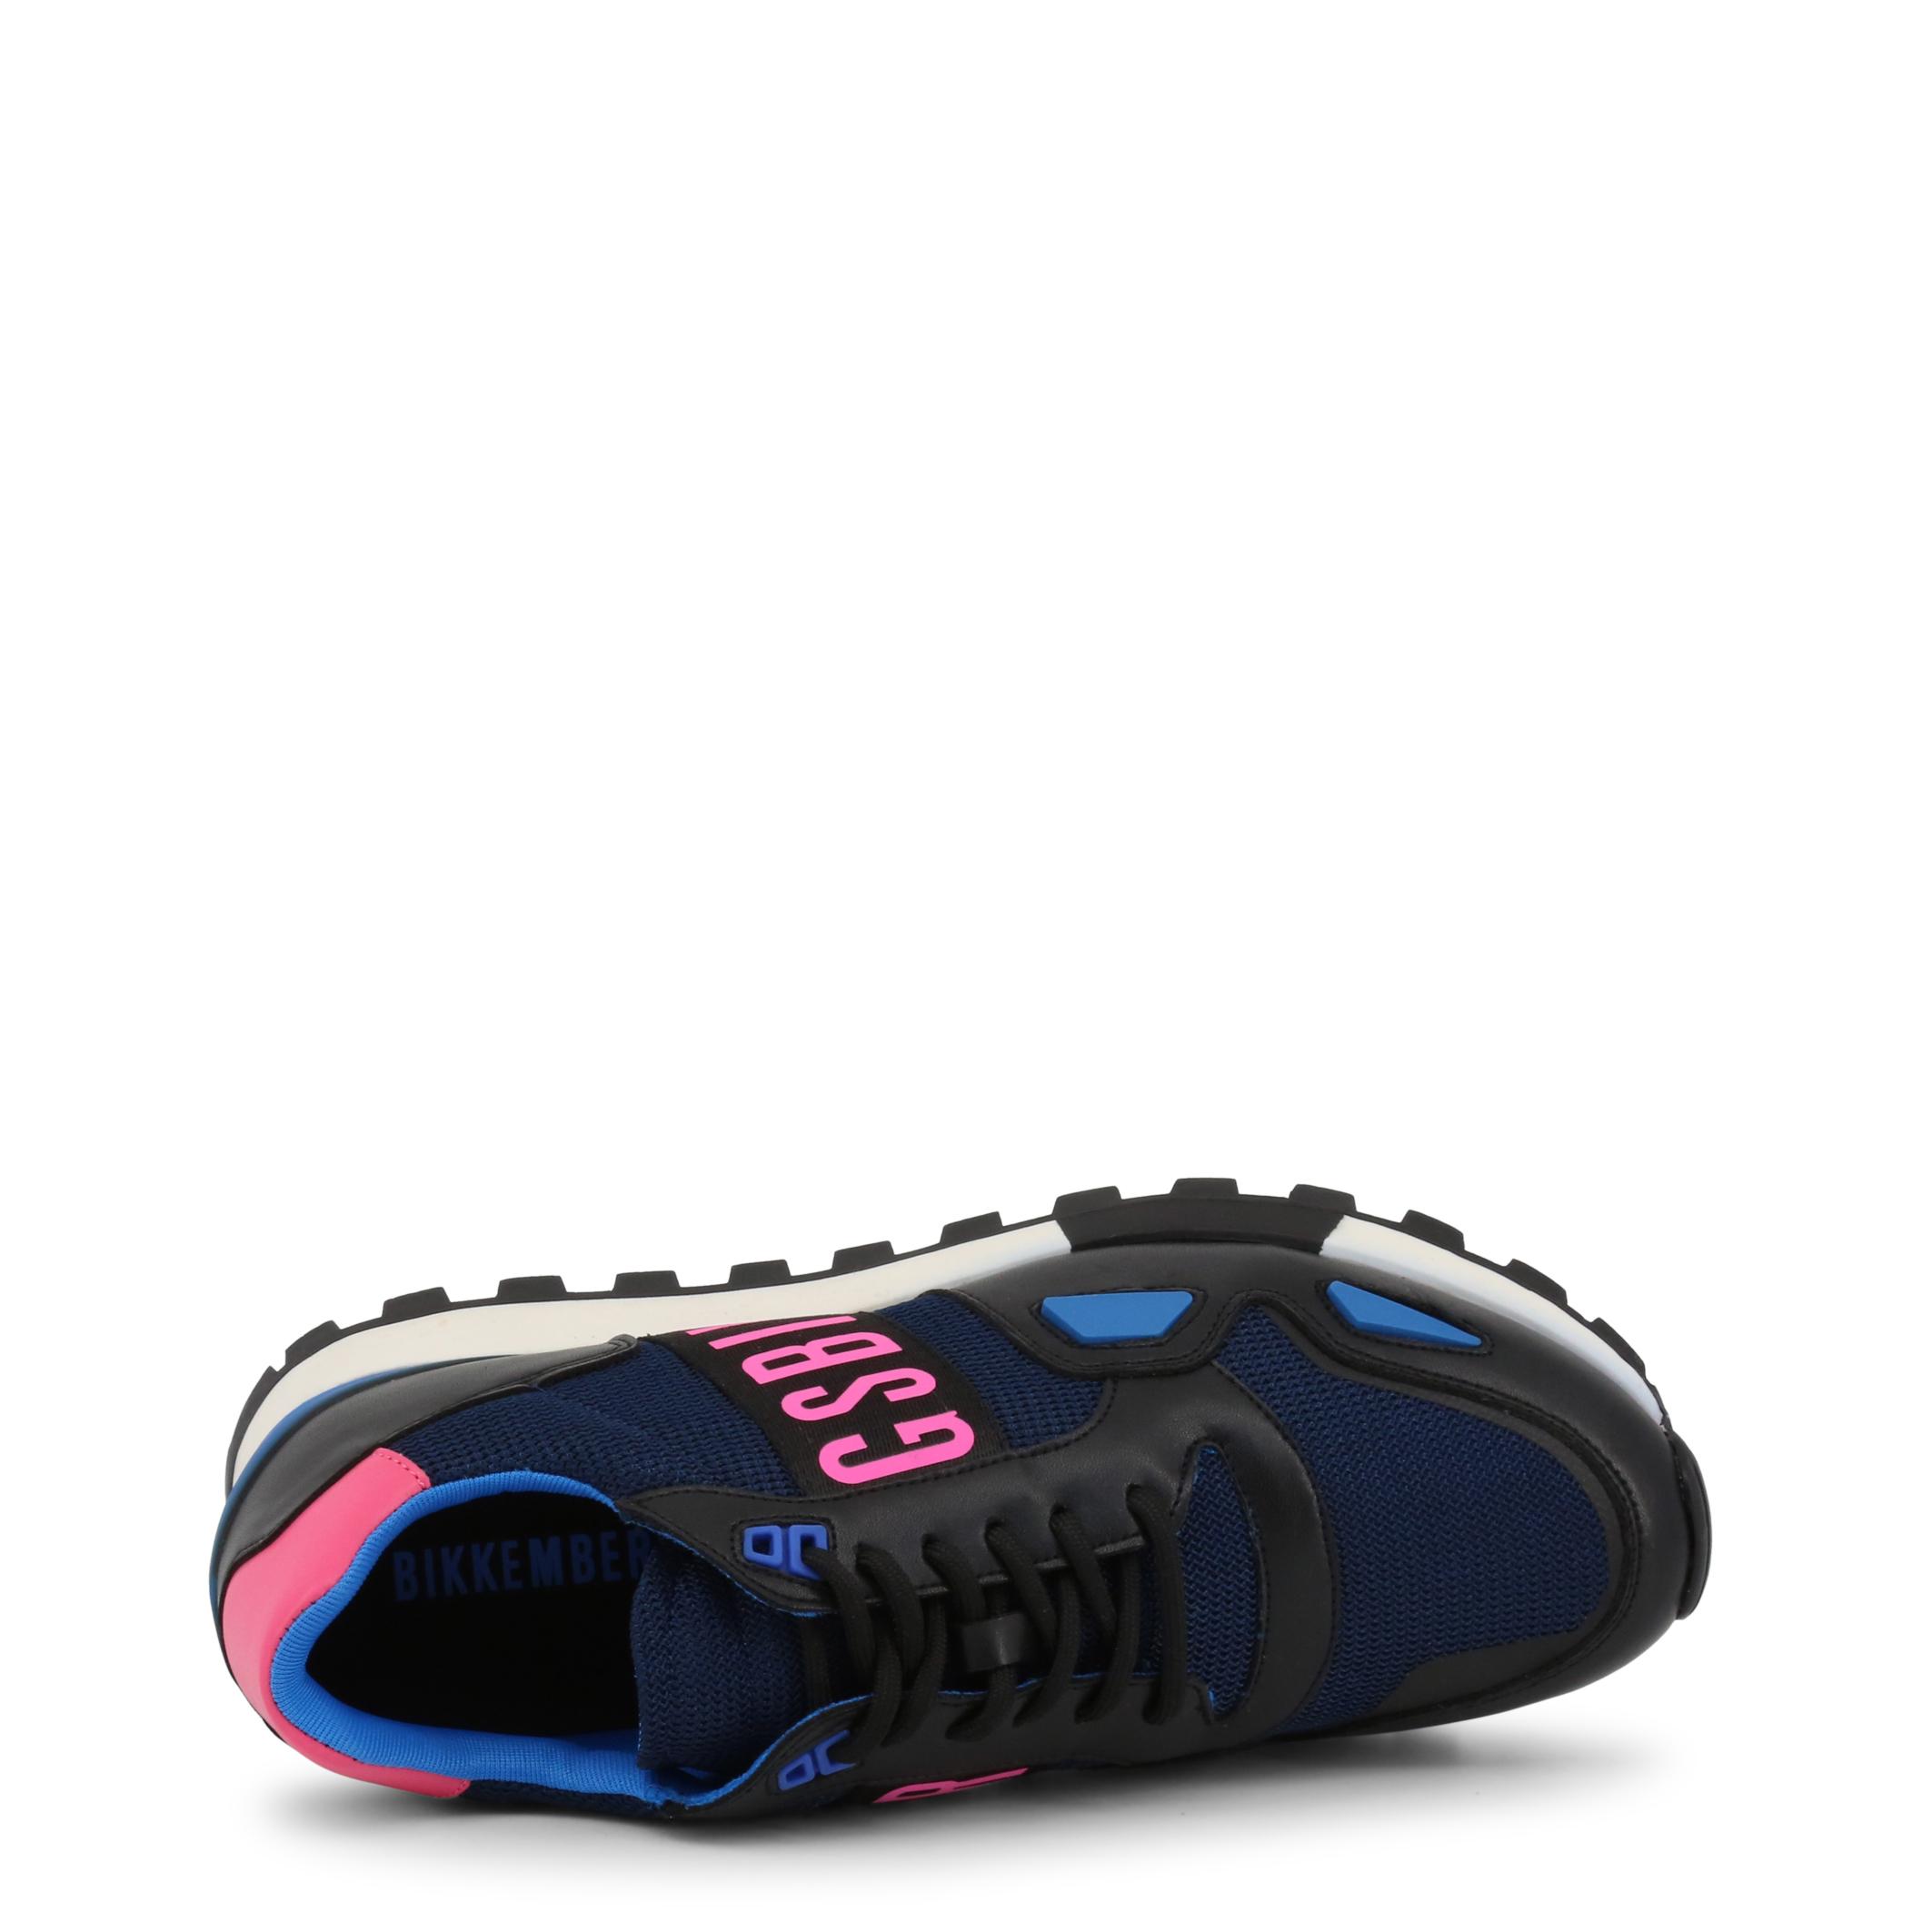 Baskets / Sport  Bikkembergs FEND-ER_2232 blue